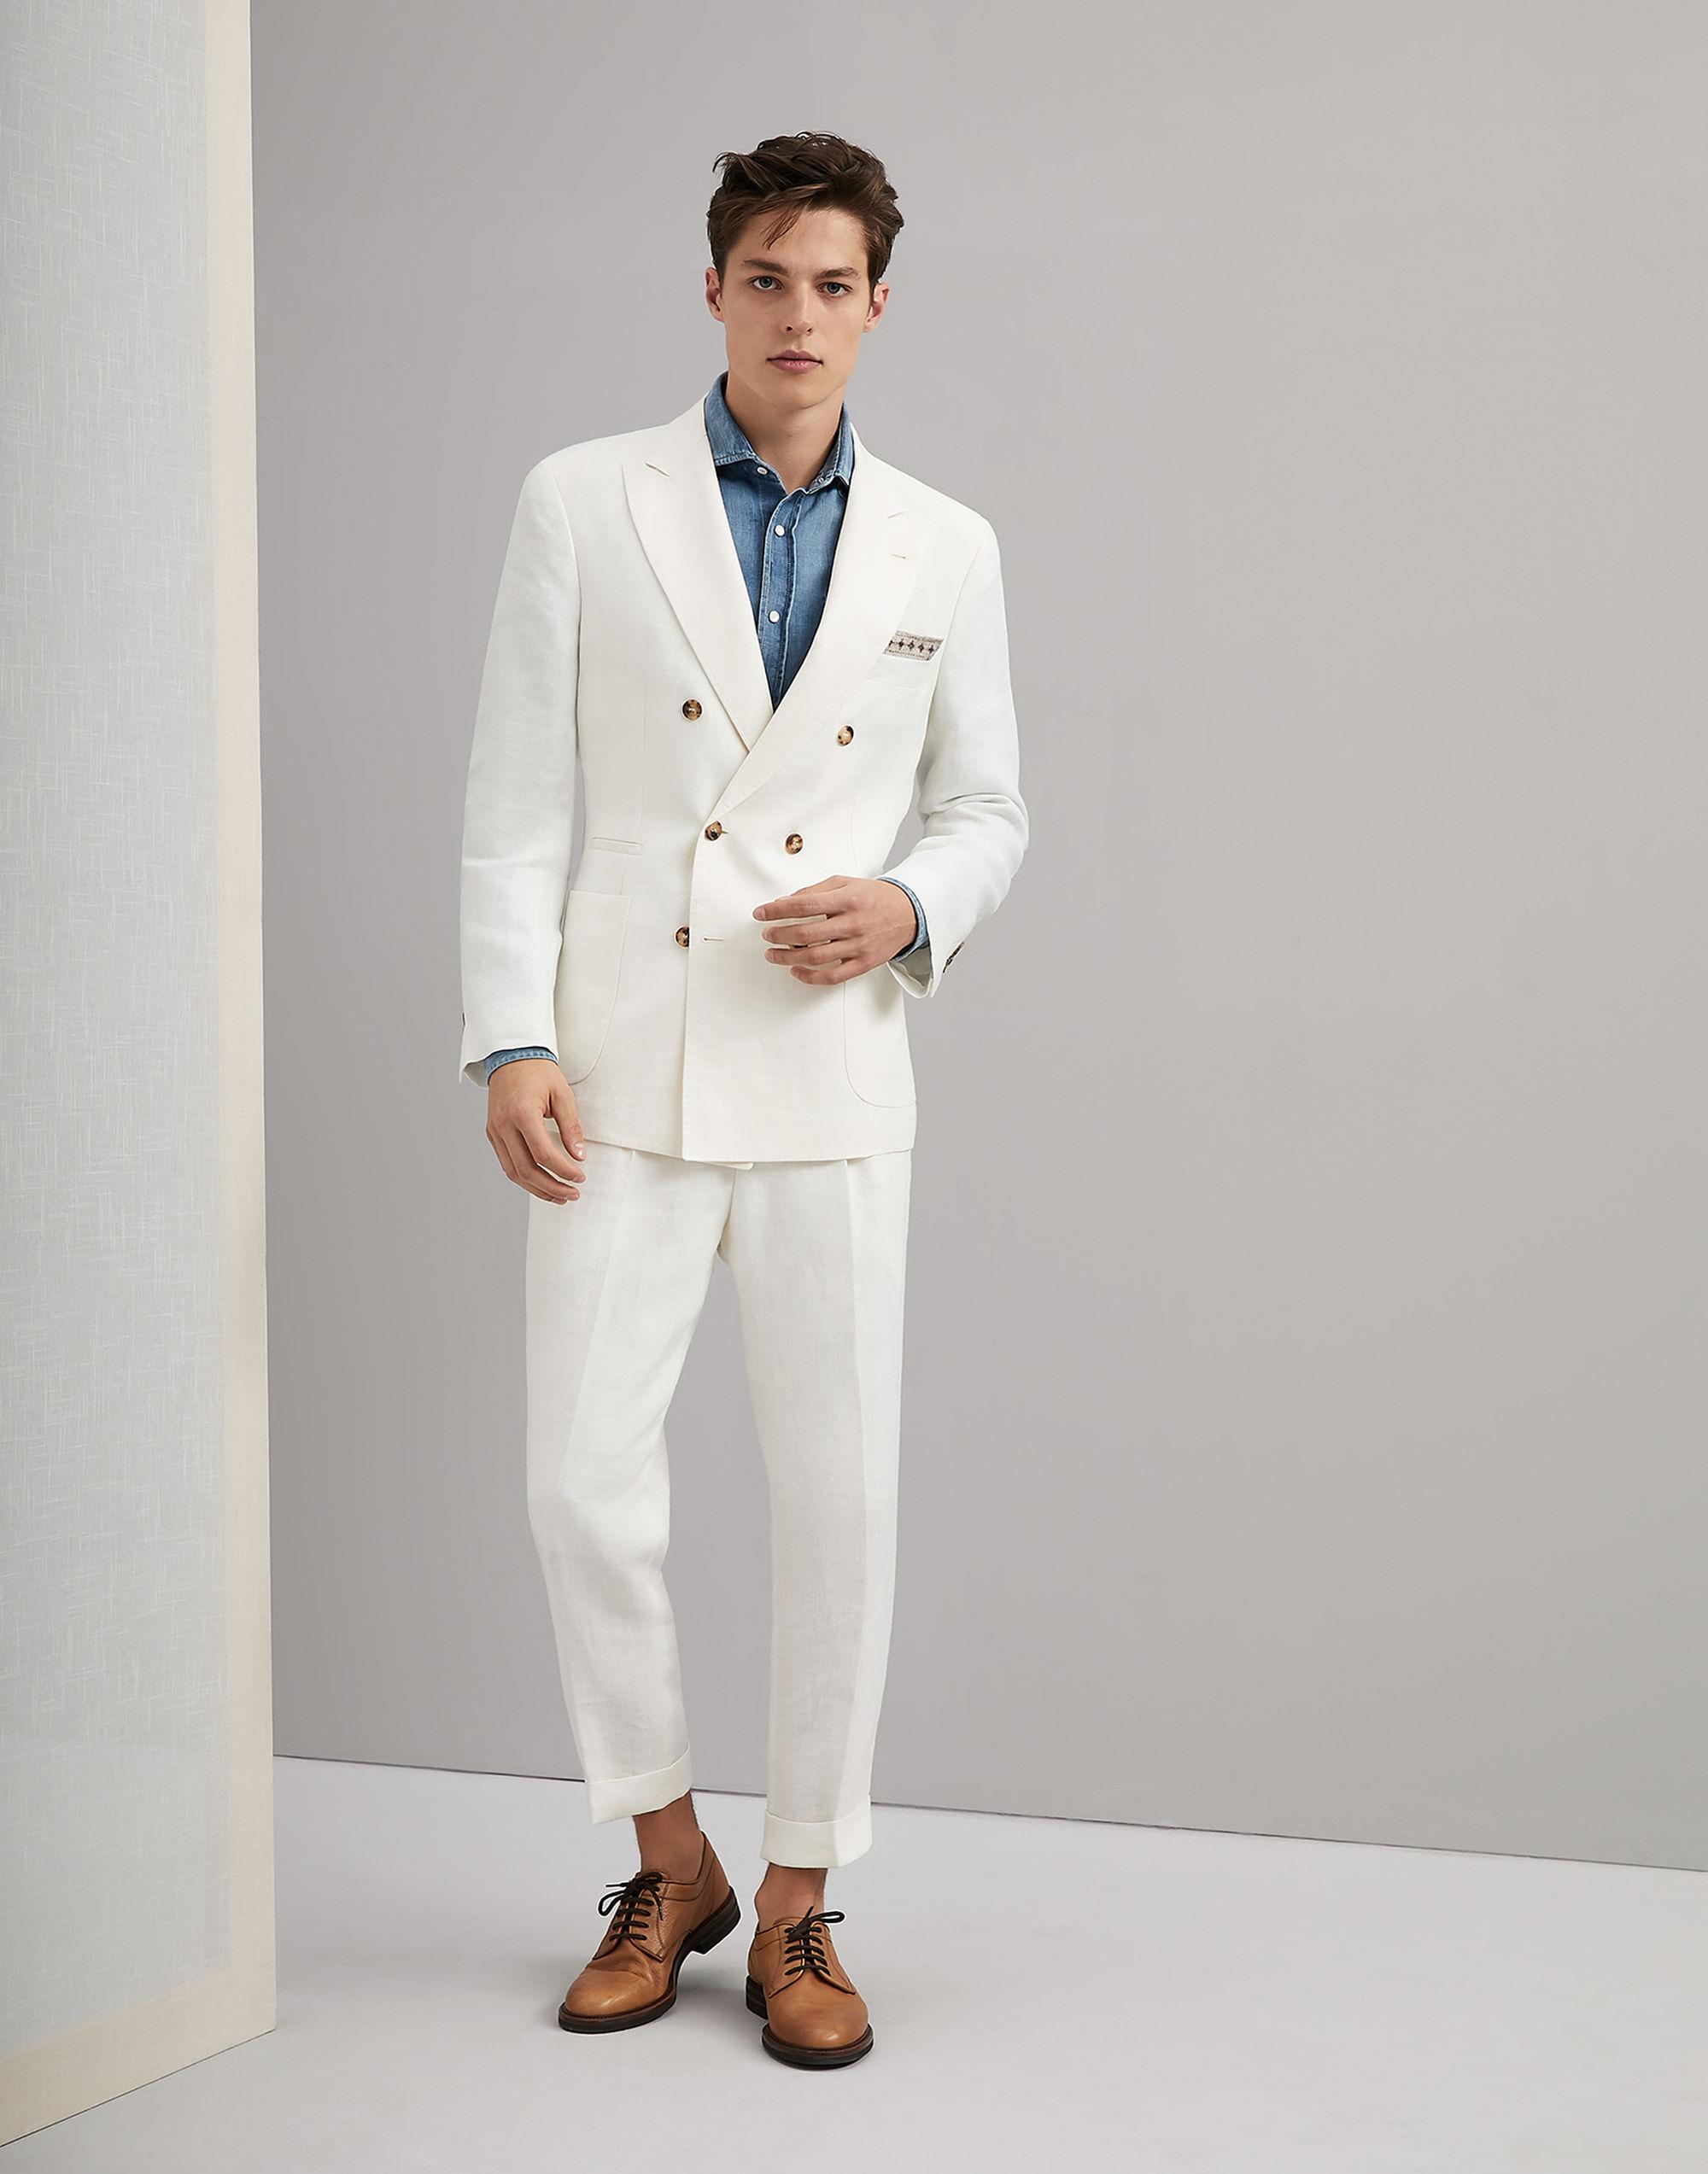 Abito Uomo Matrimonio Lino : Abiti da cerimonia uomo i vestiti più eleganti per lui my